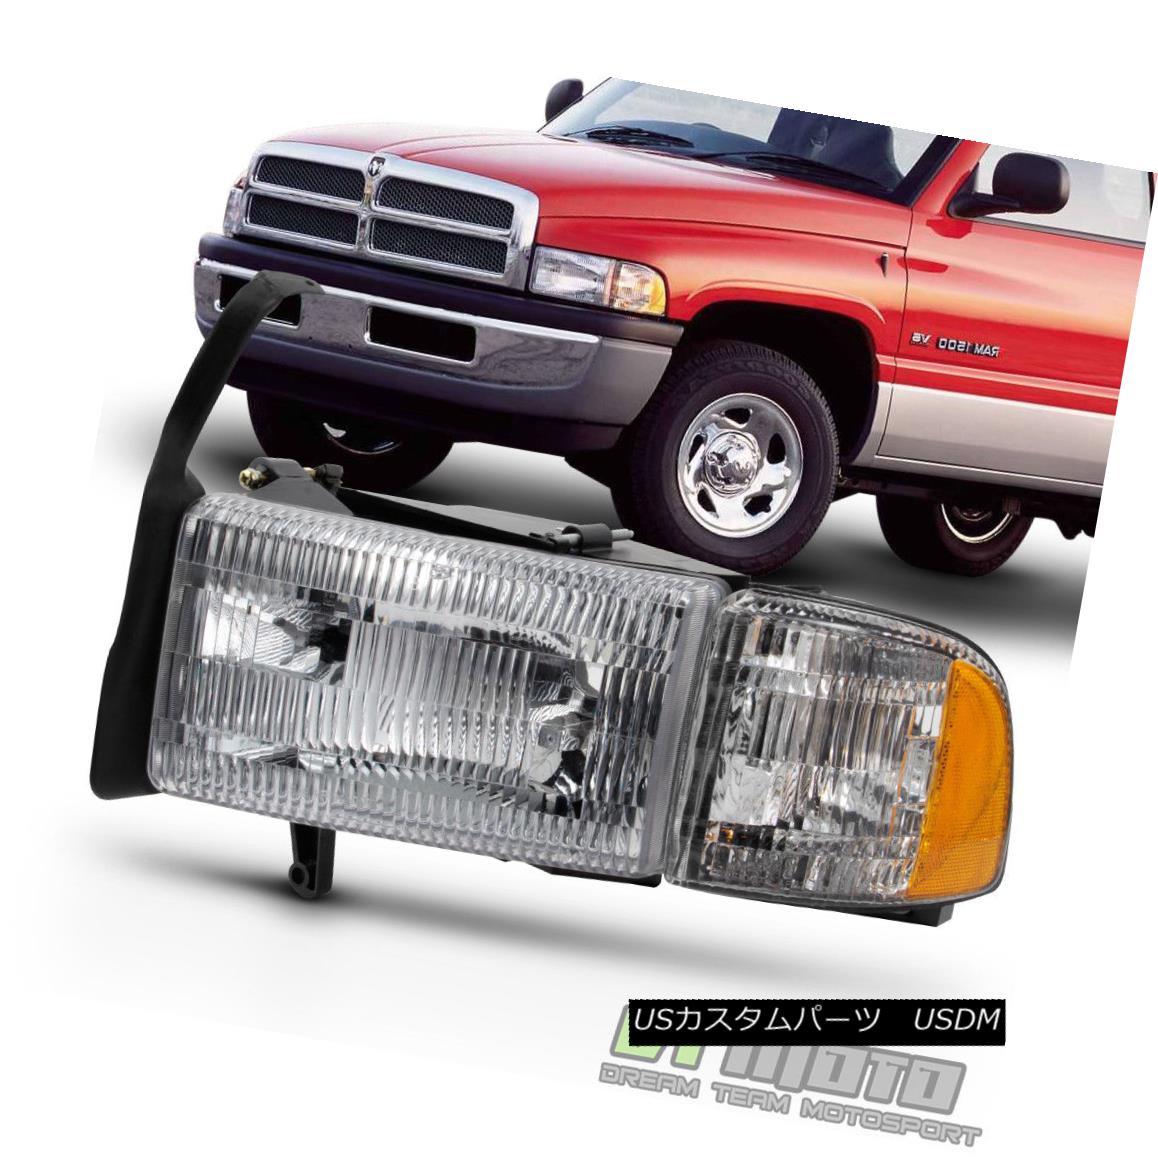 ヘッドライト 1994-2001 Dodge Ram 1500 94-02 2500 3500 Headlight Headlamp w/Corner Driver Side 1994-2001 Dodge Ram 1500 94-02 2500 3500ヘッドライトヘッドランプ(コーナー側)